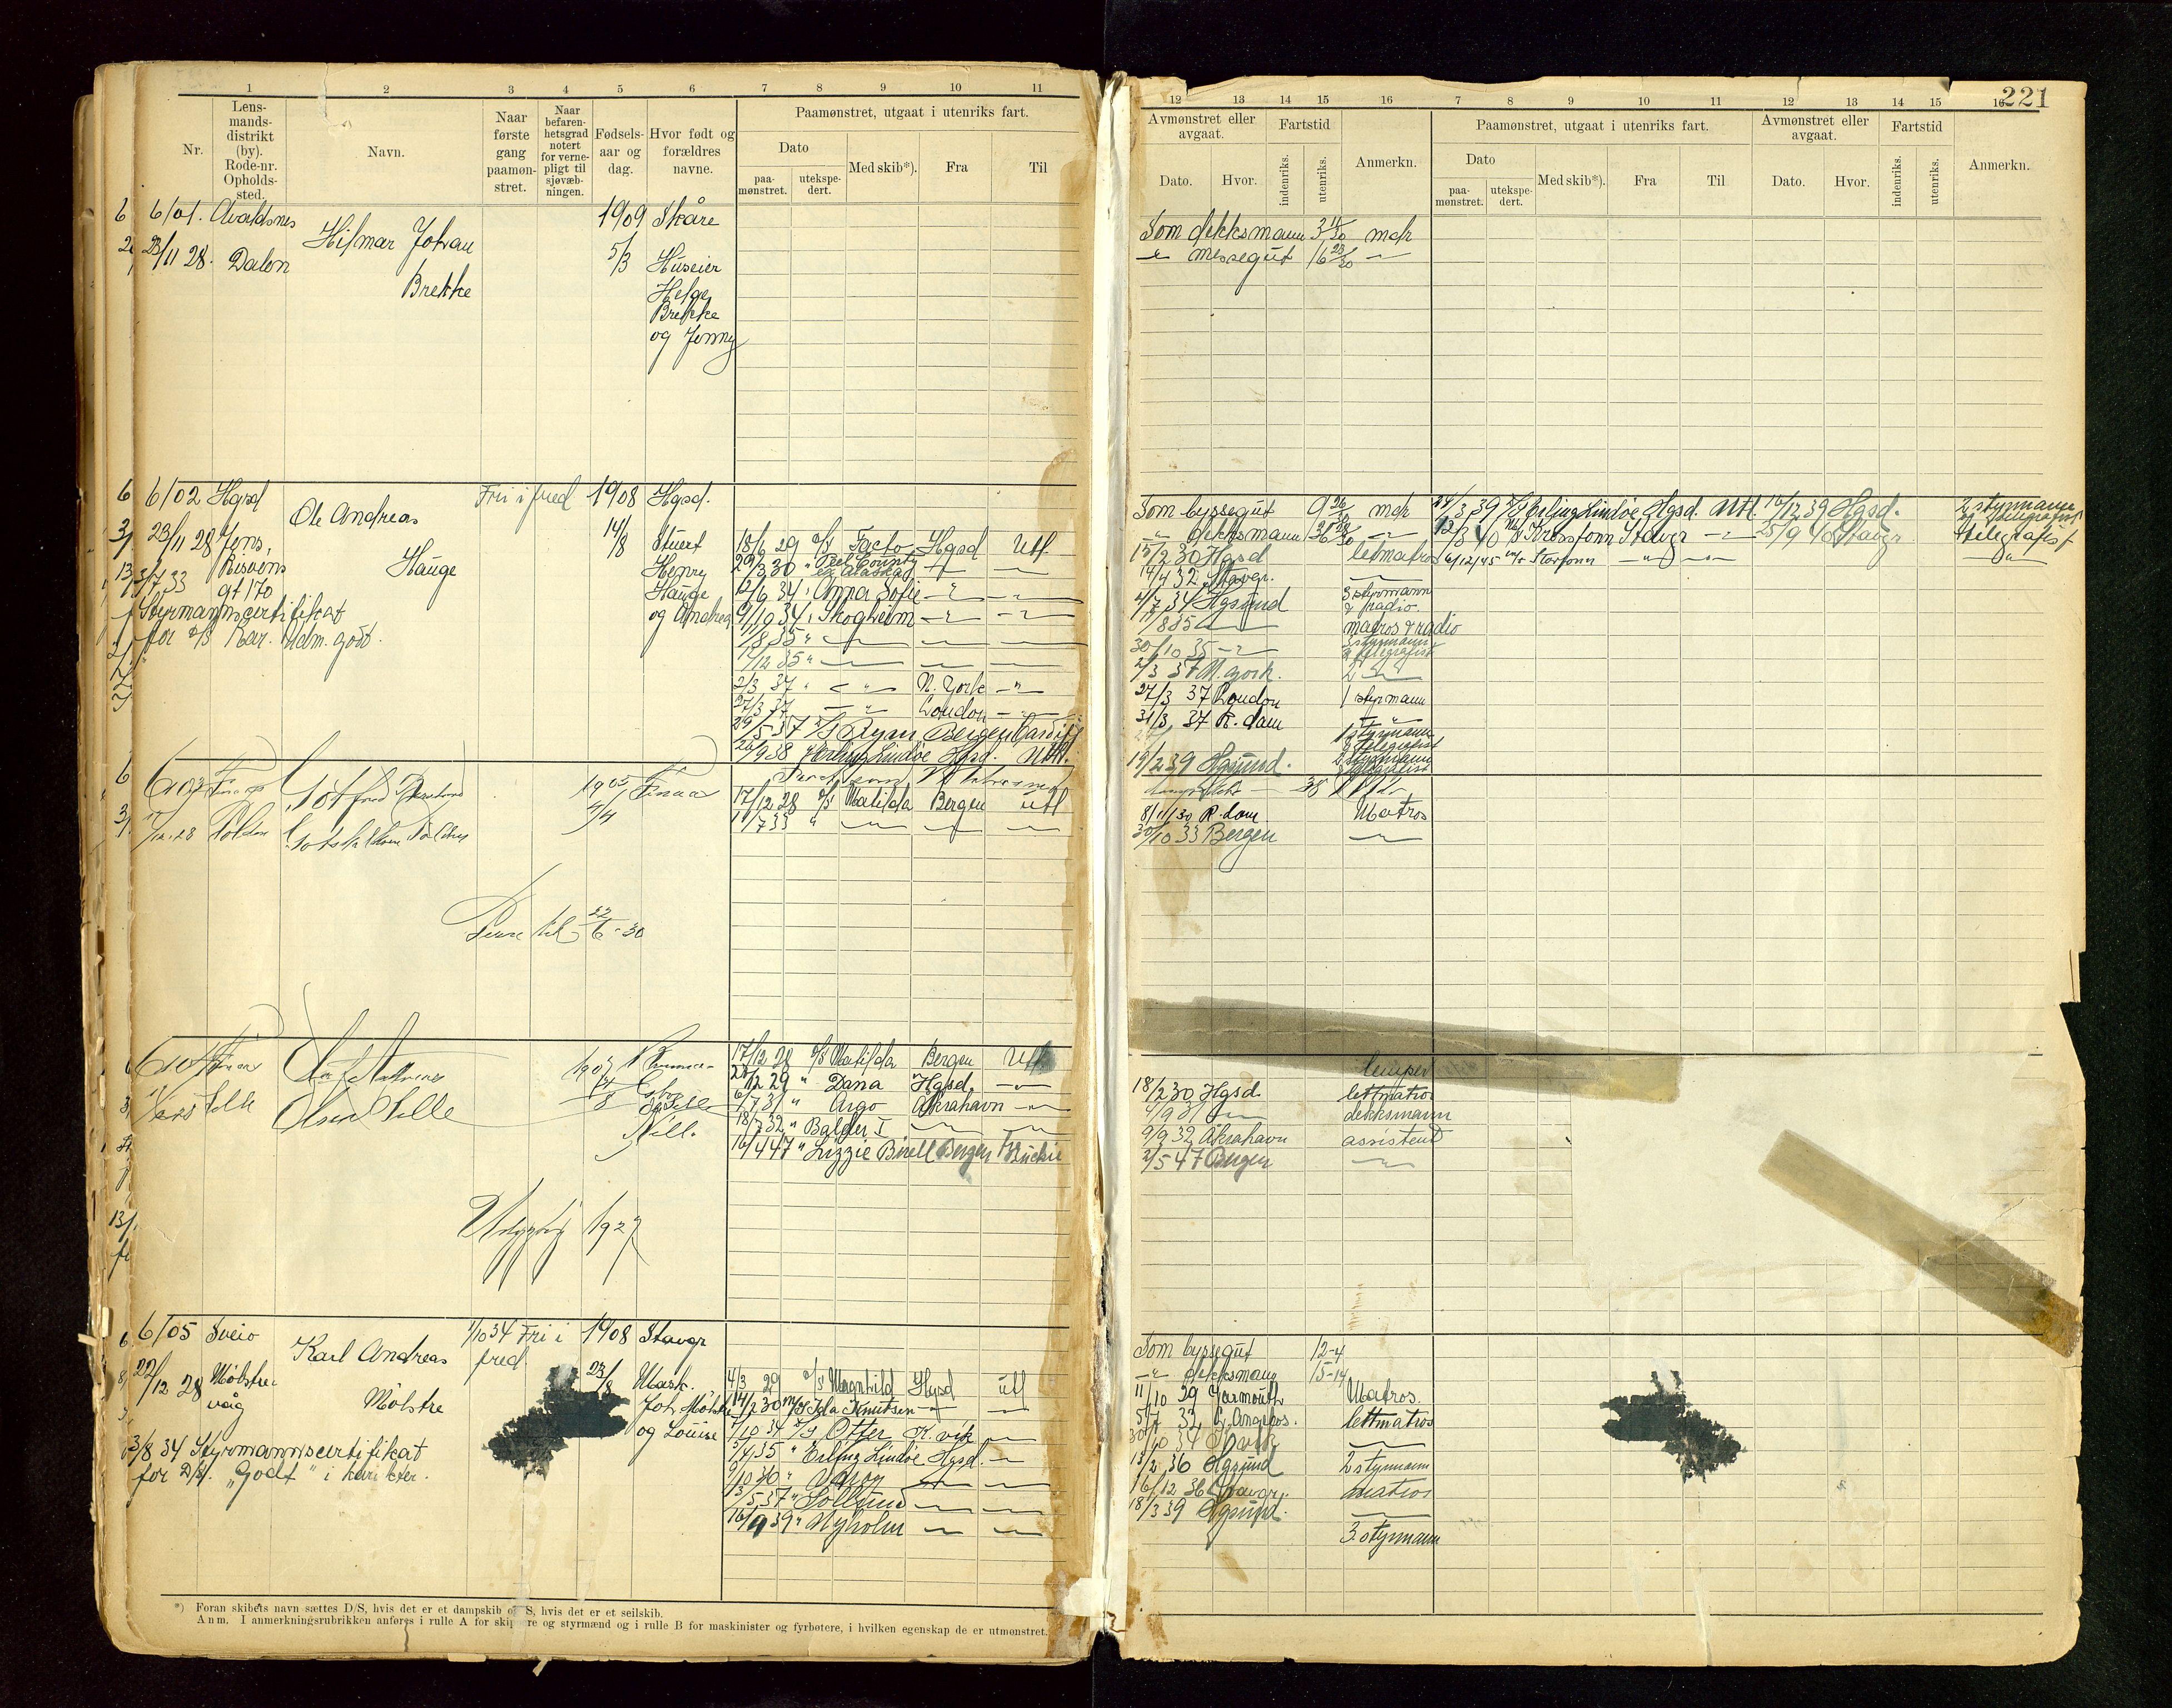 SAST, Haugesund sjømannskontor, F/Fb/Fbb/L0015: Sjøfartsrulle A Haugesund krets I nr 5001-8970, 1912-1948, s. 221